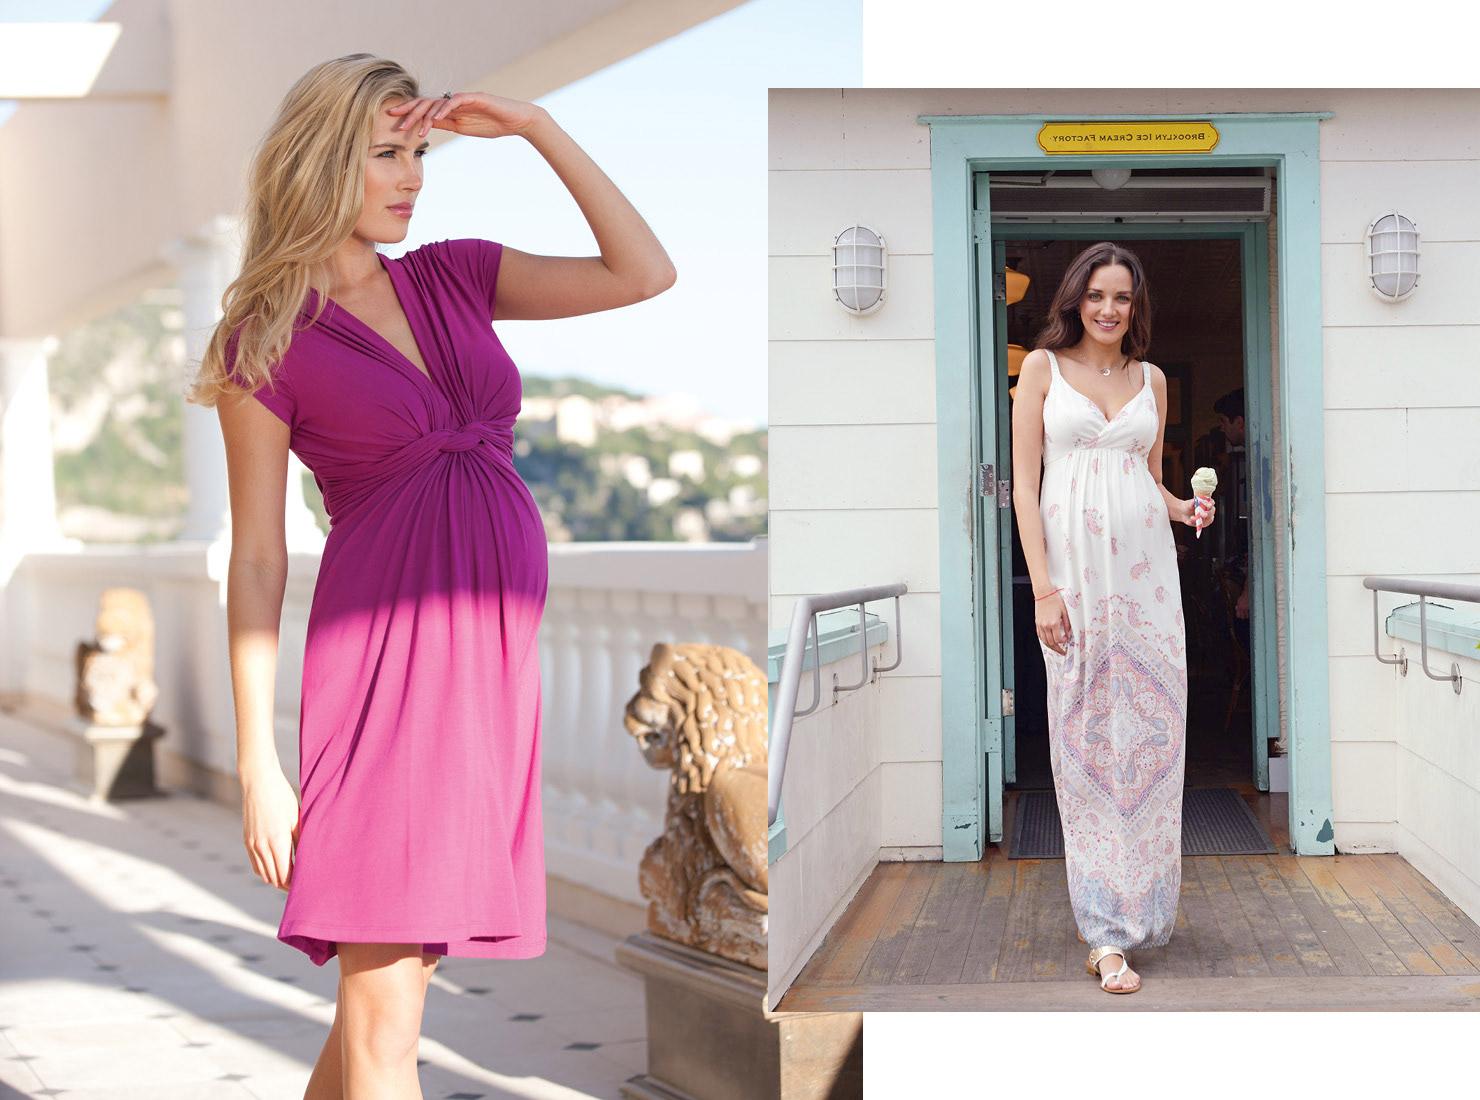 Umstandskleider für den Urlaub in sommerlichen Farben